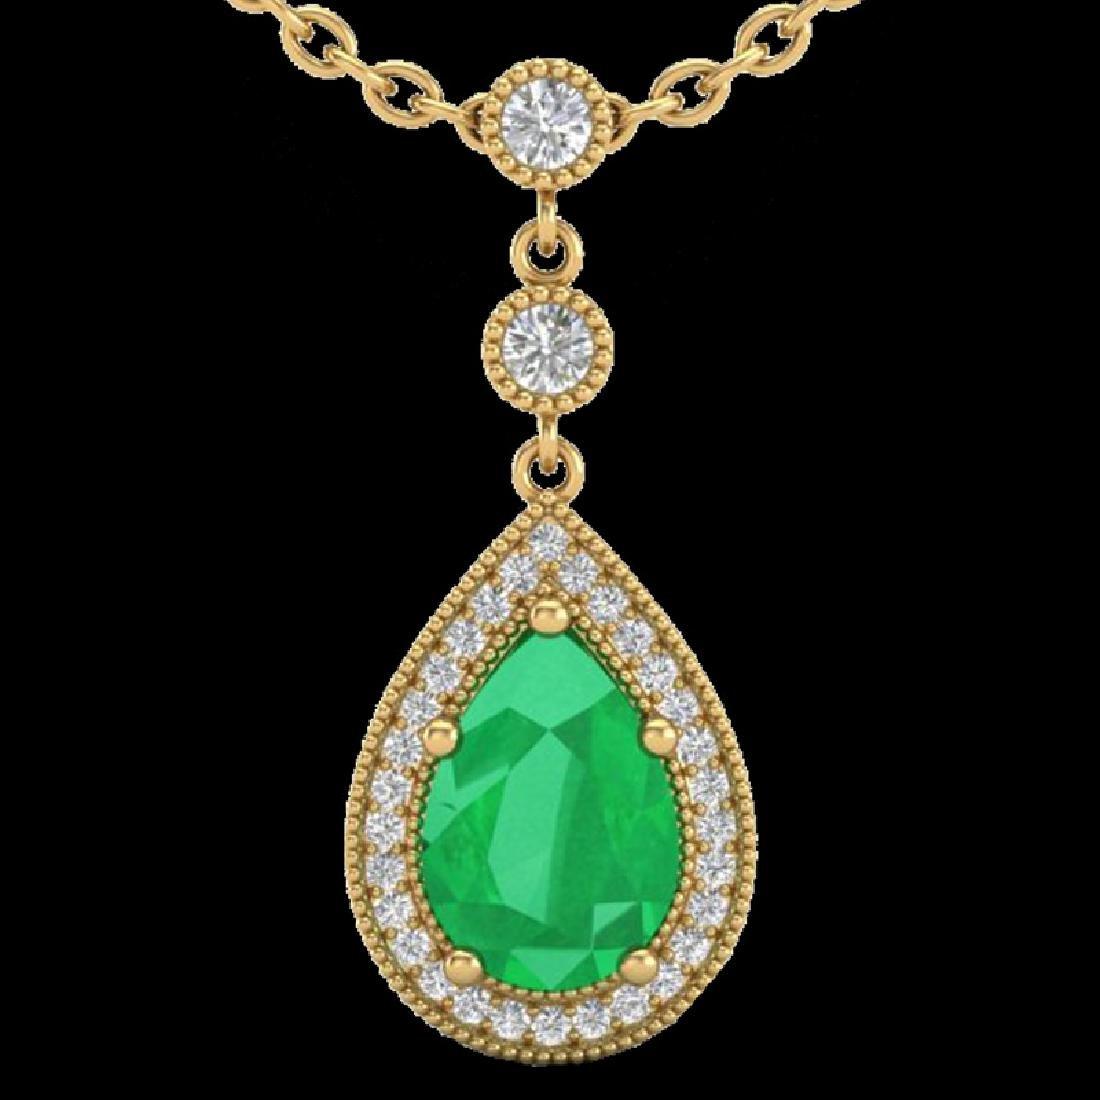 2.75 CTW Emerald & Micro Pave VS/SI Diamond Necklace - 2